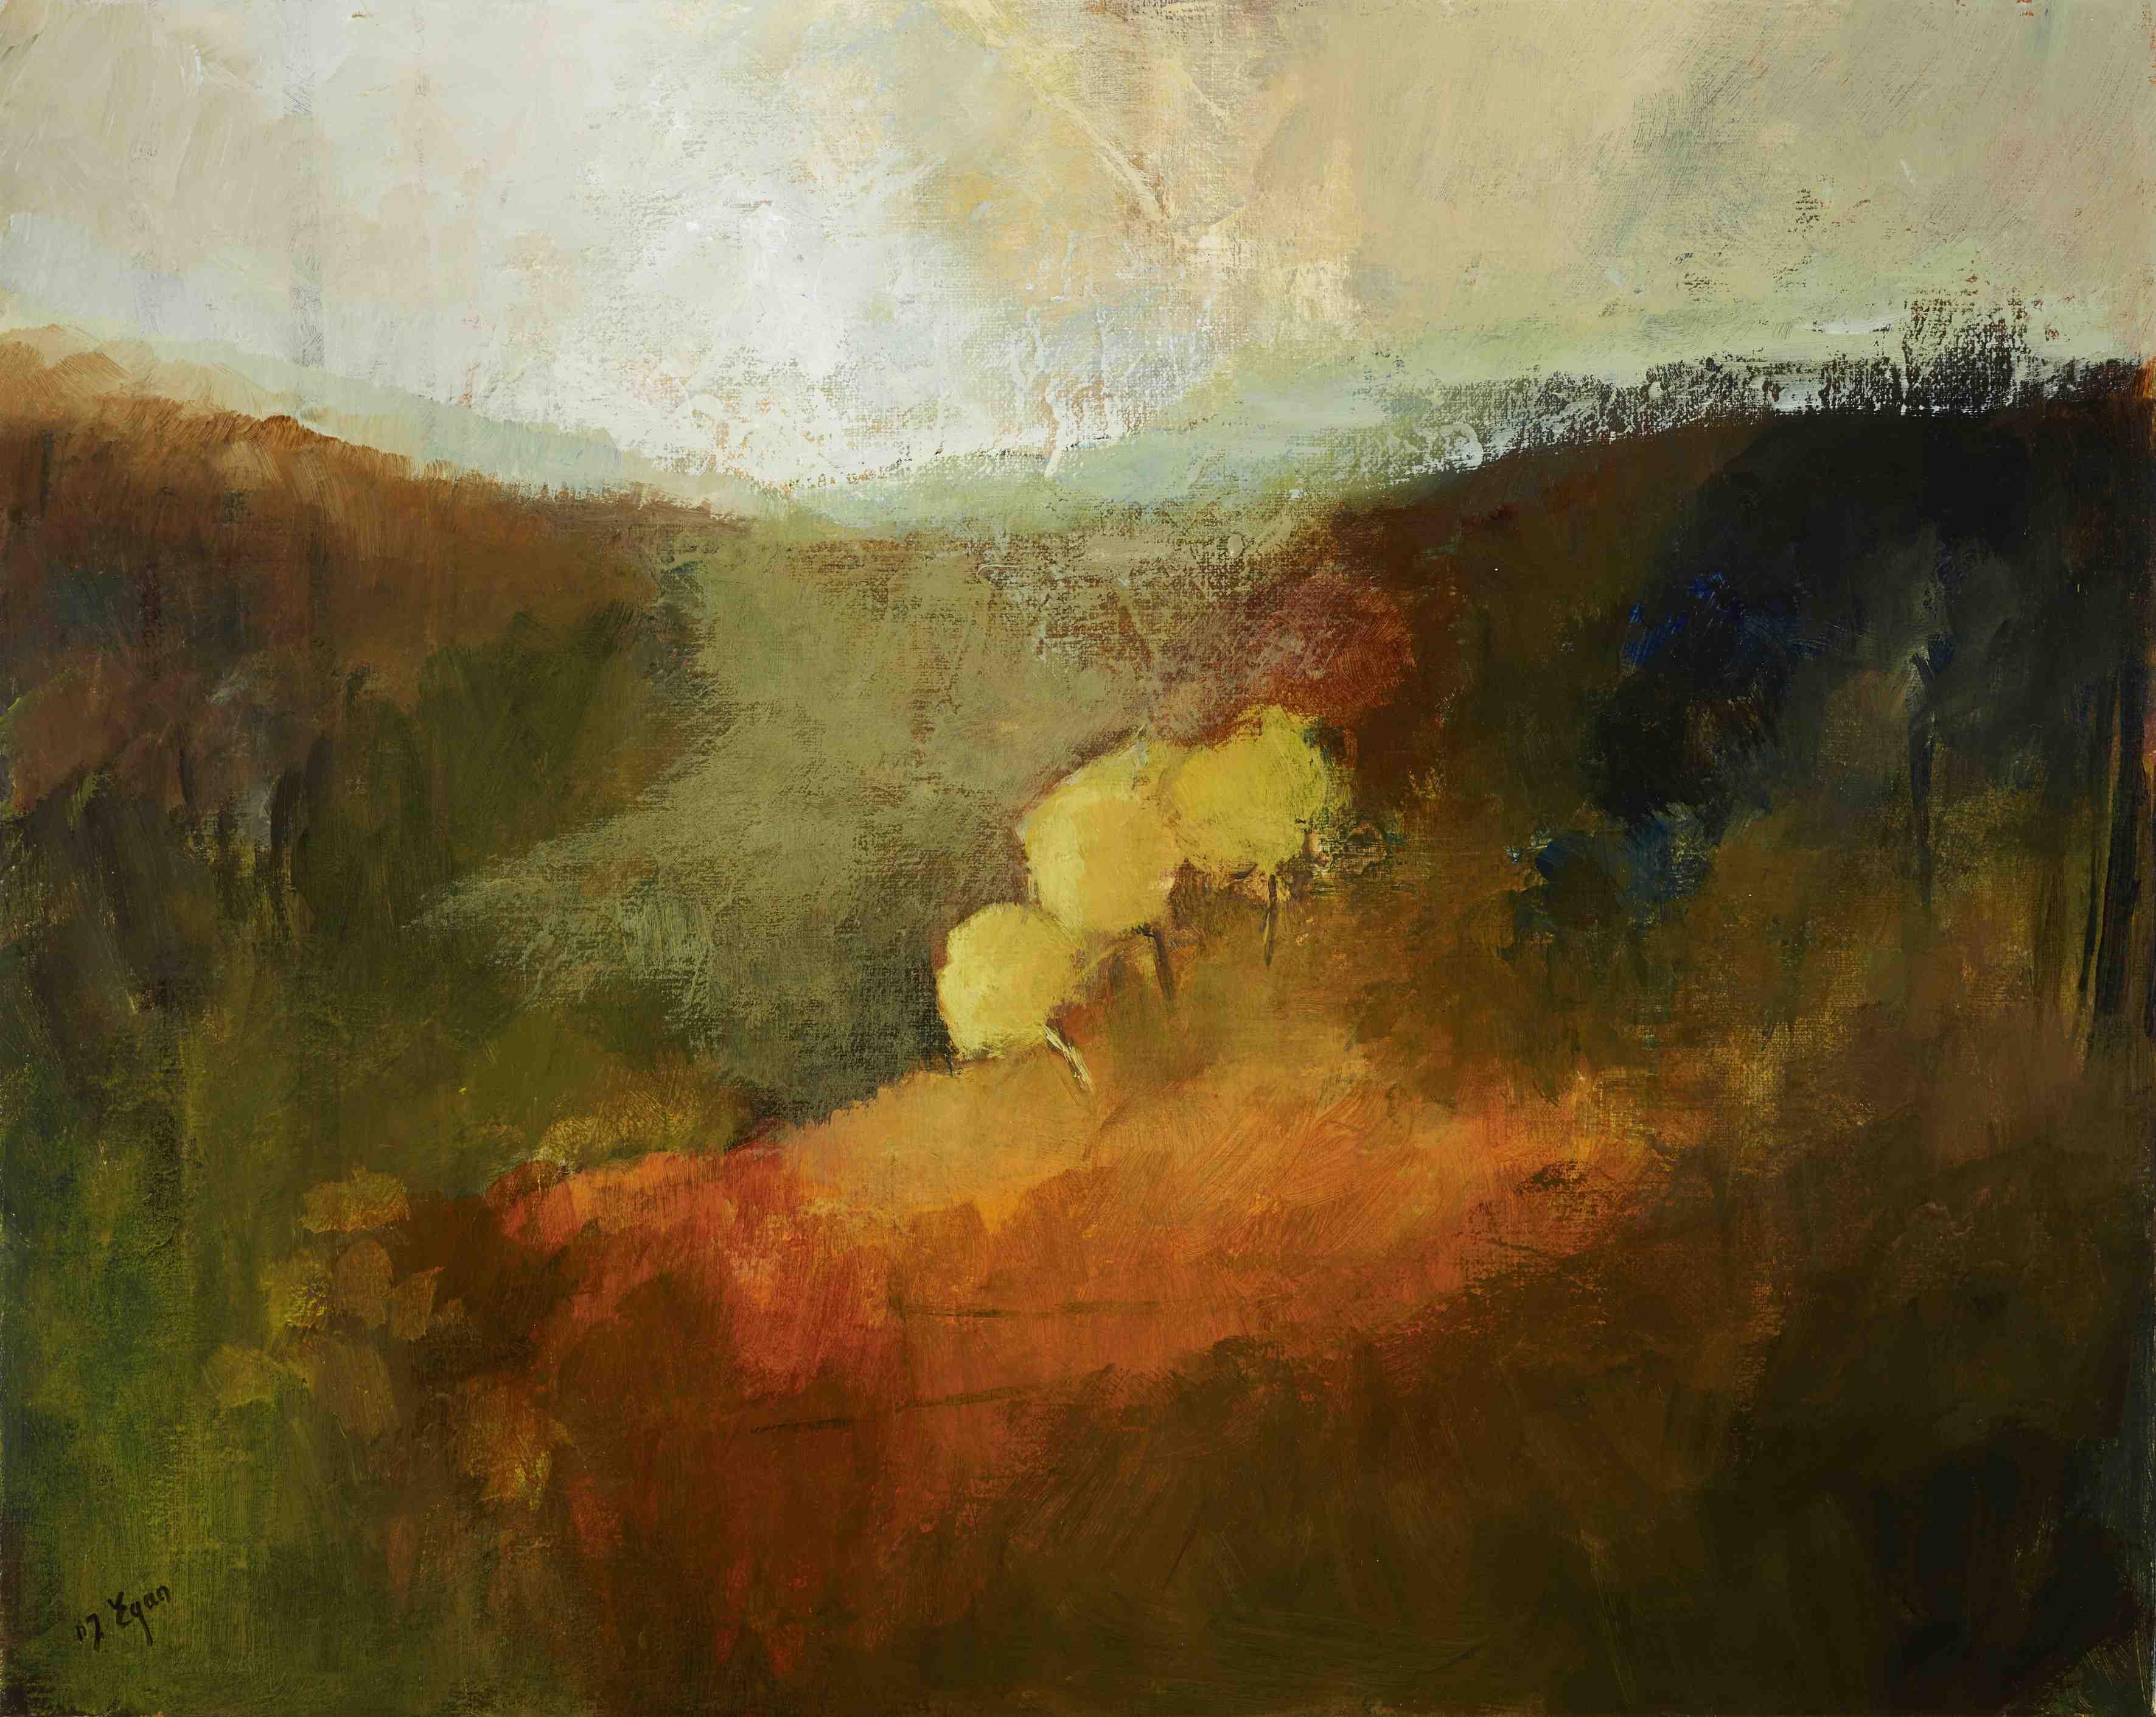 Margaret Egan, Wicklow Hills, 39 x 49 cm, acrylic on linen